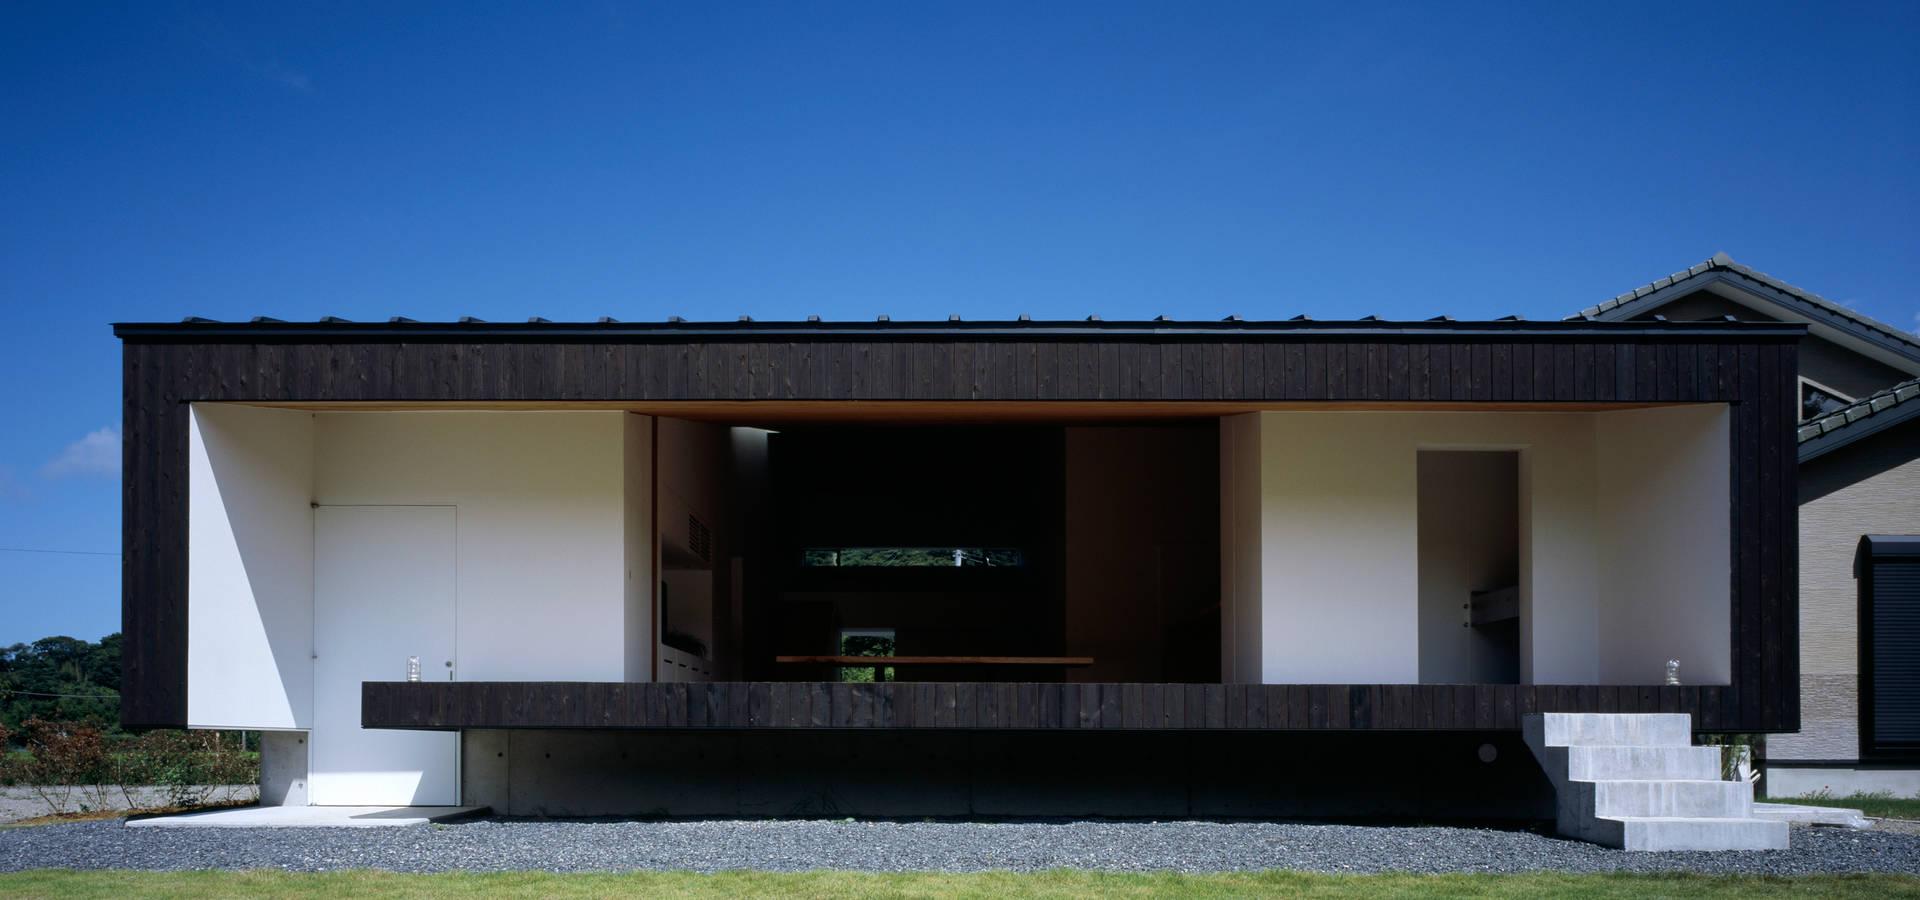 石井秀樹建築設計事務所